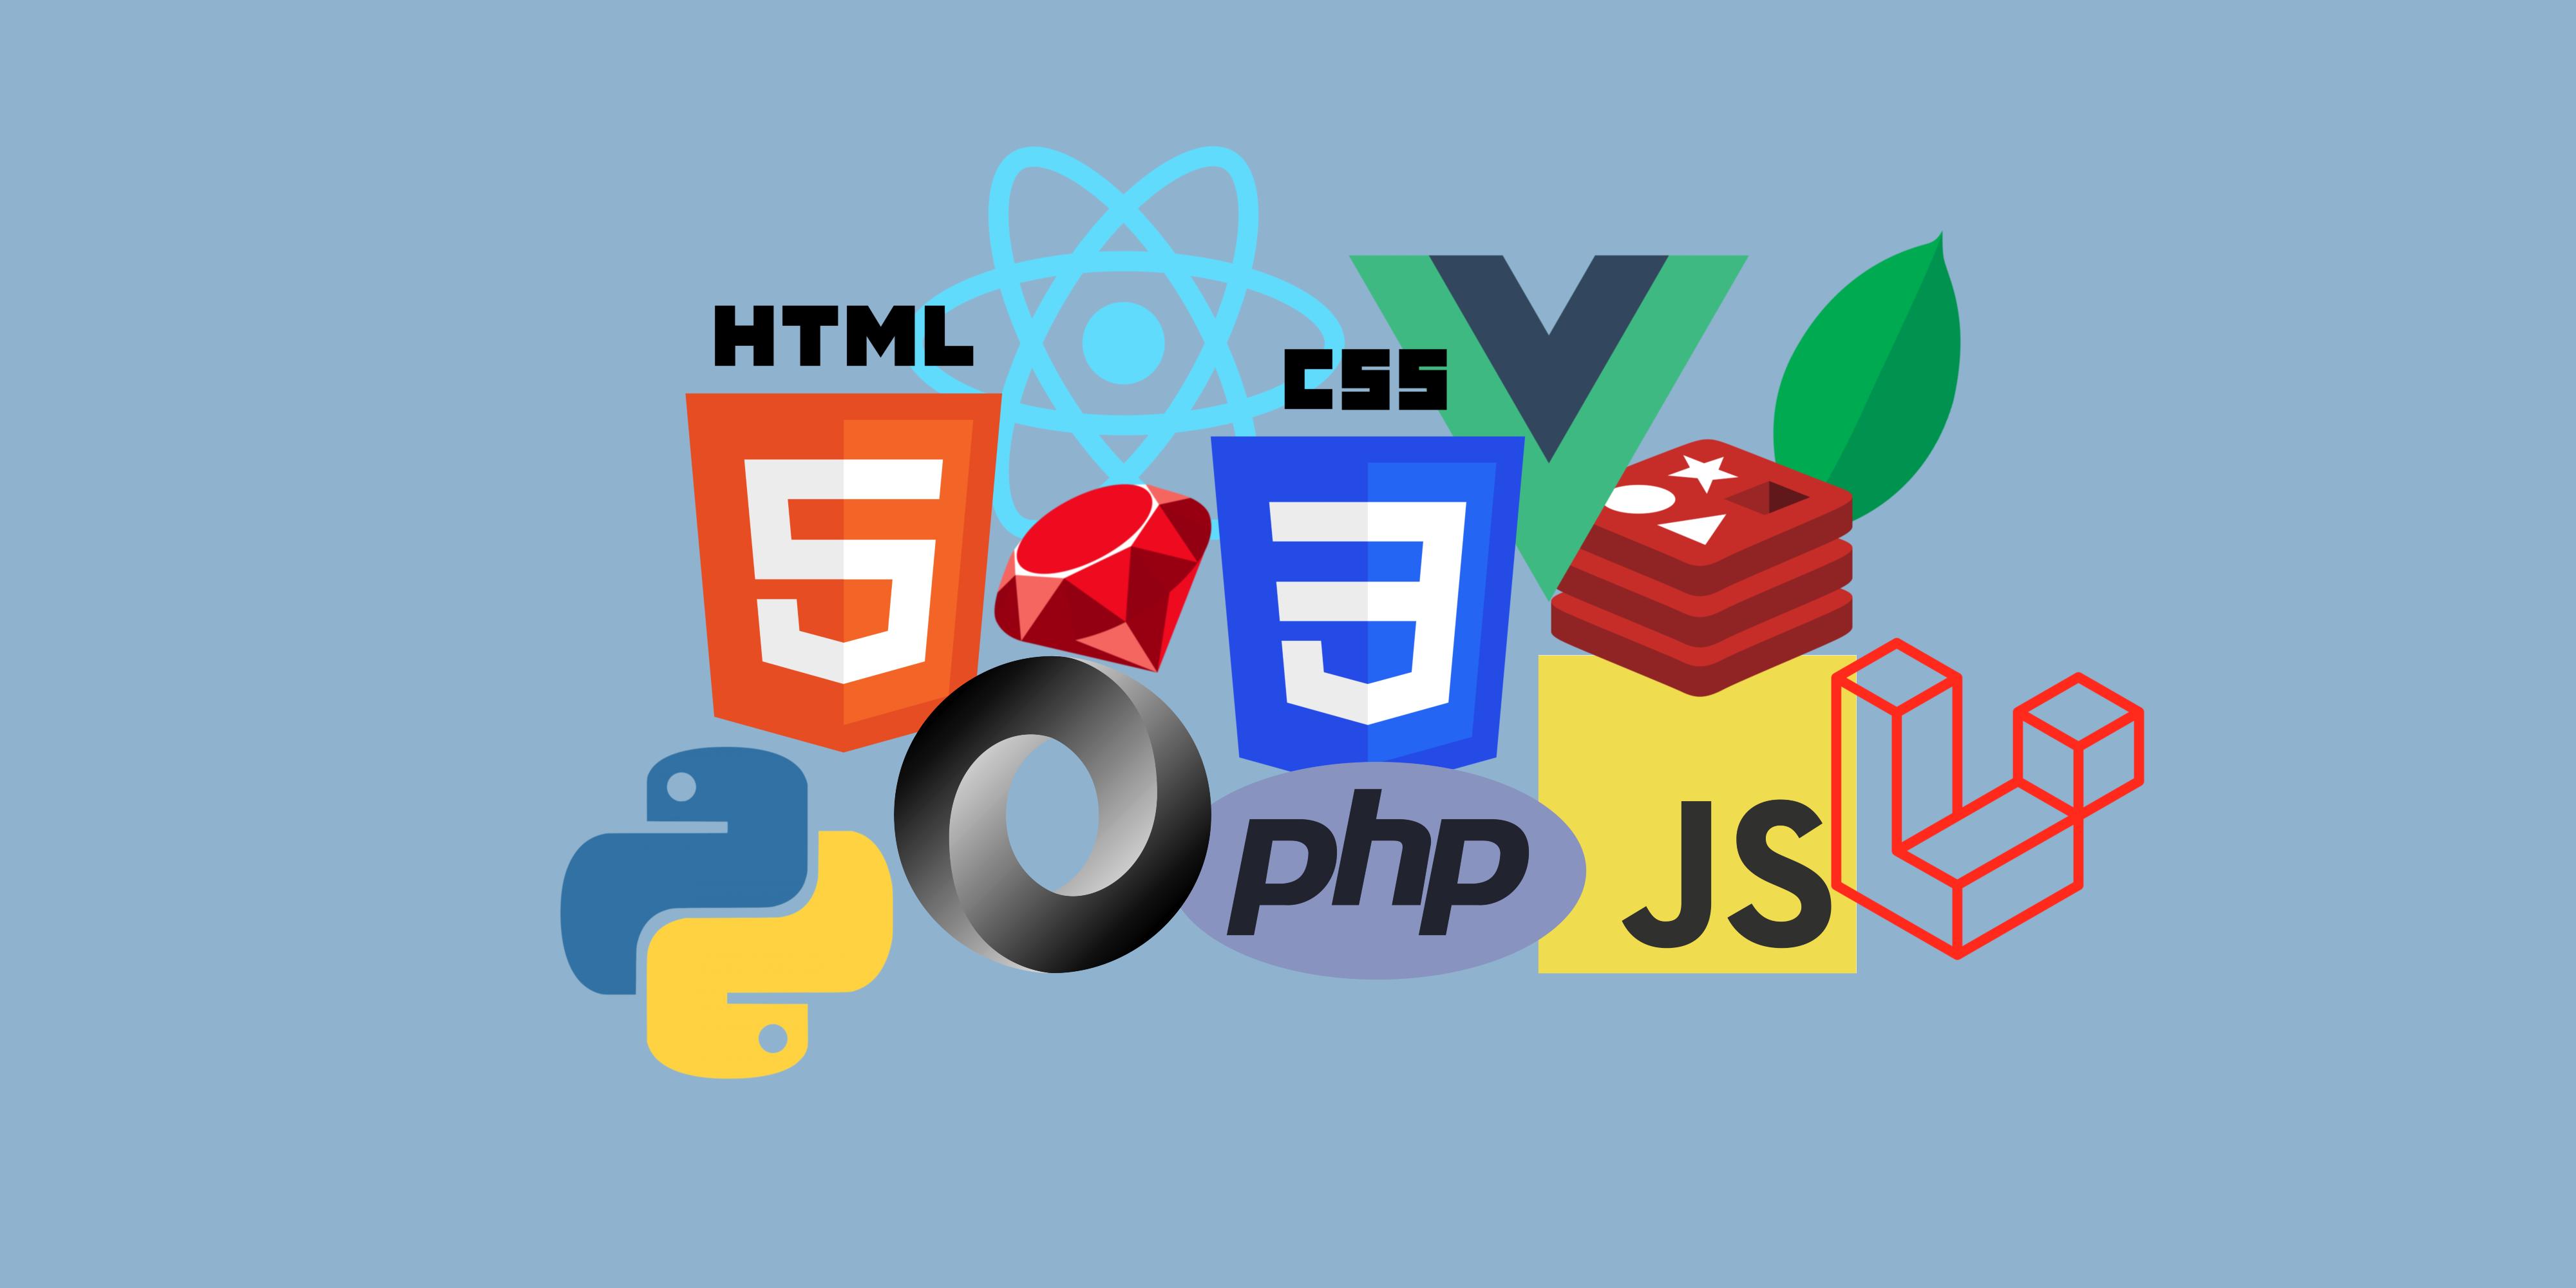 👨💻️ Как стать профессиональным веб-разработчиком с нуля и найти первую работу